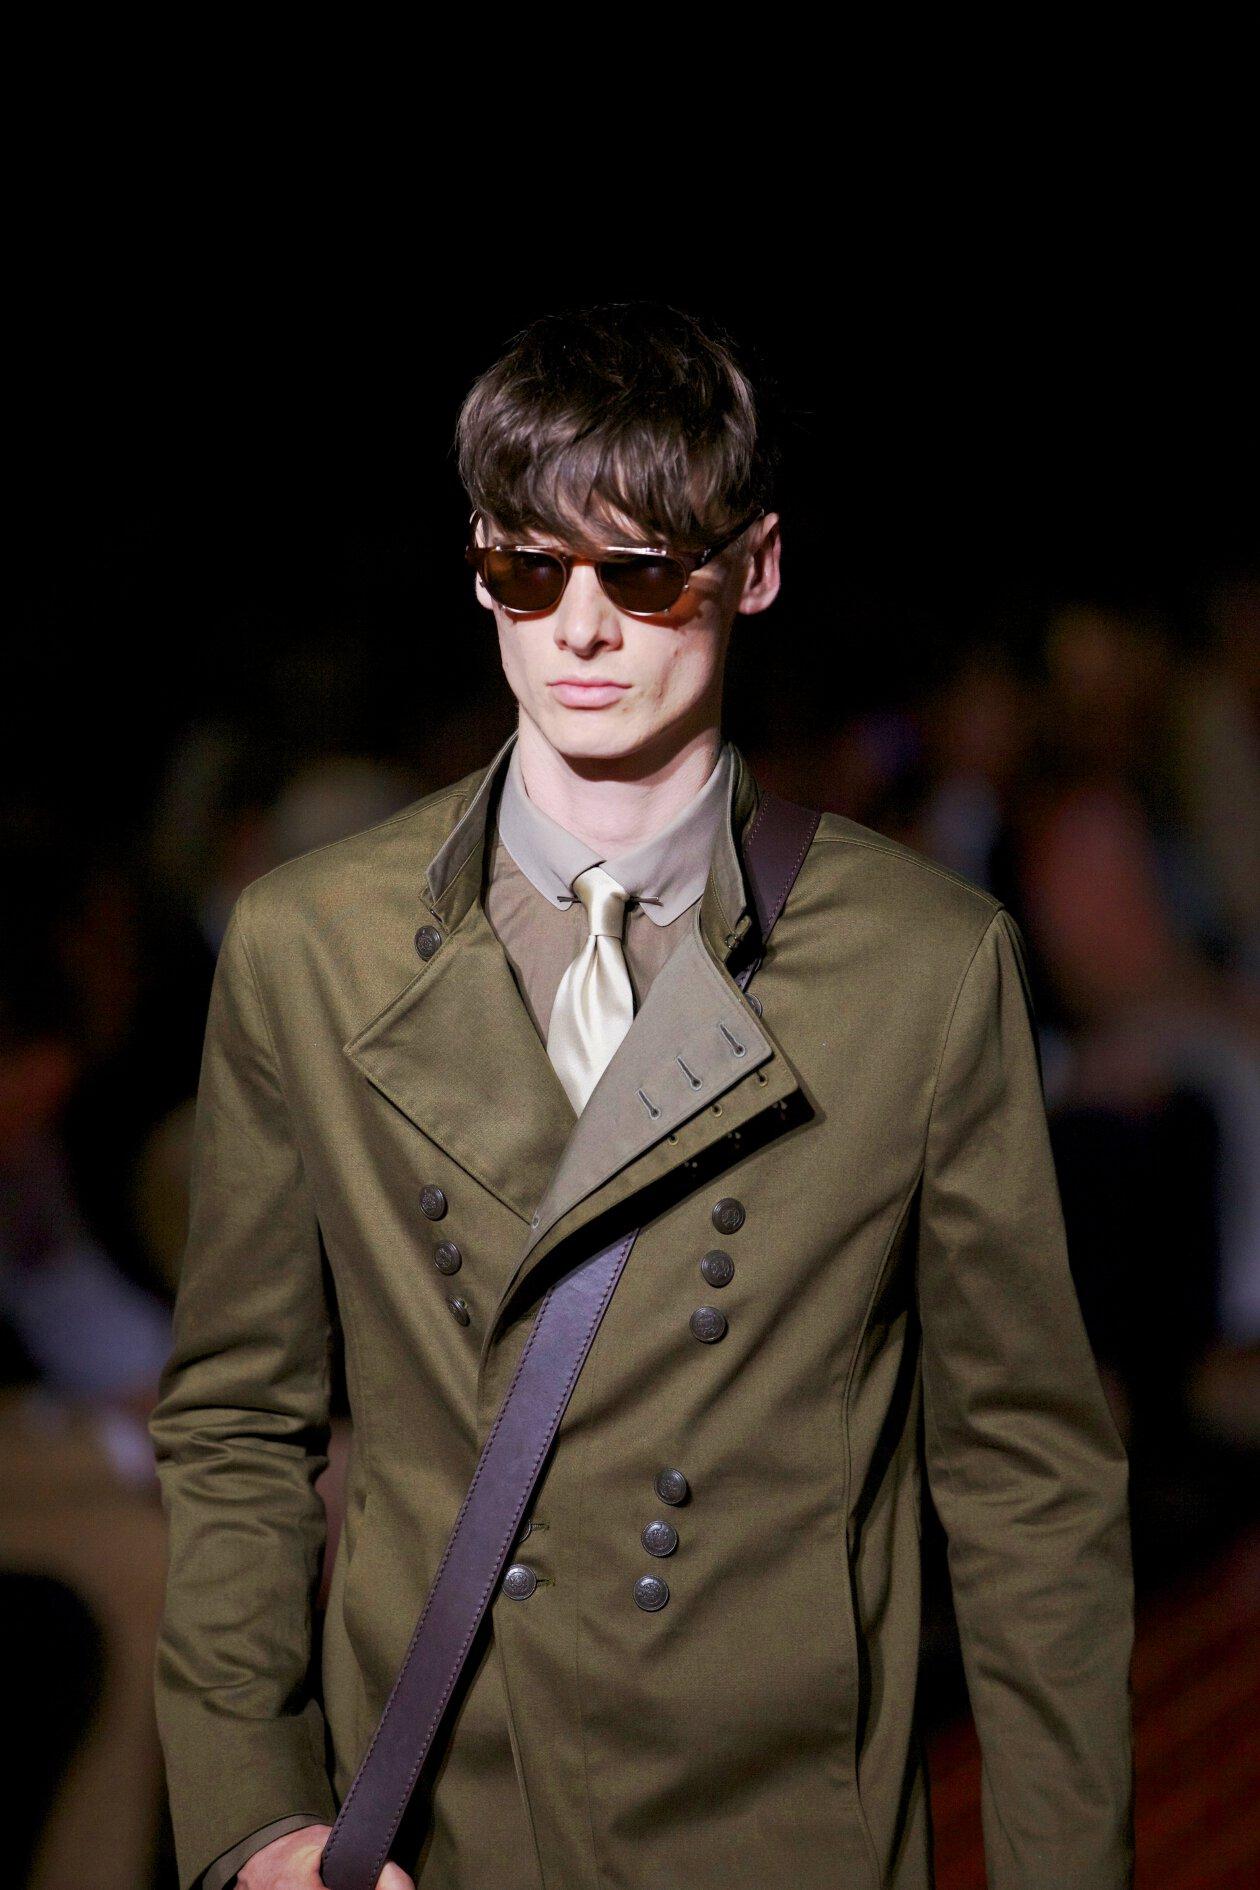 John Varvatos Man Suit Details